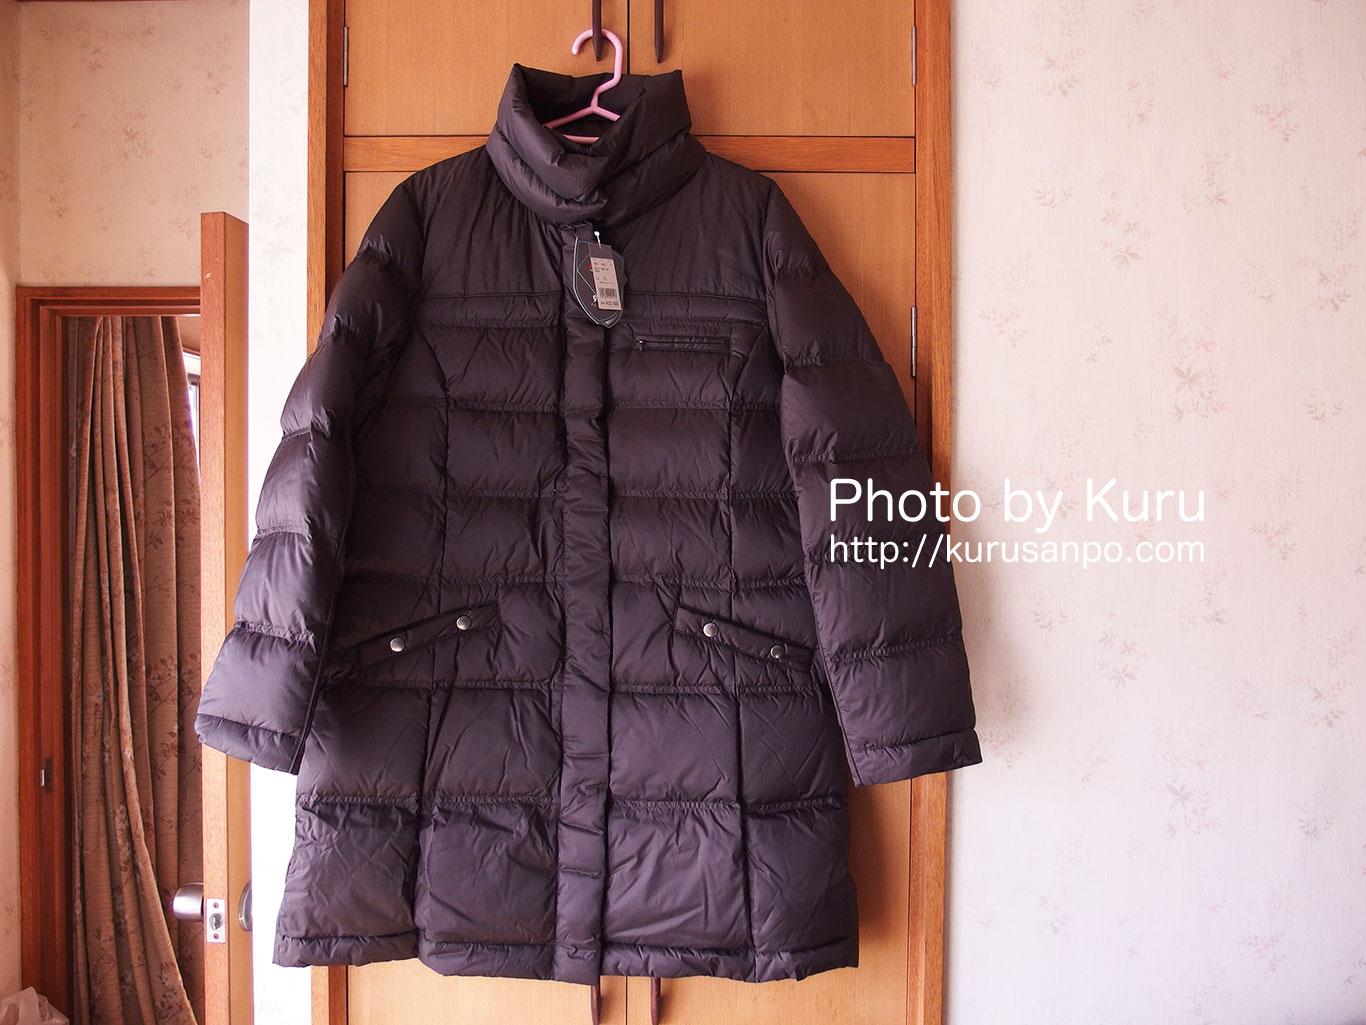 エディー・バウアー『EB900フィルパワープラスダウンコート』やっぱり軽くて温かい♪